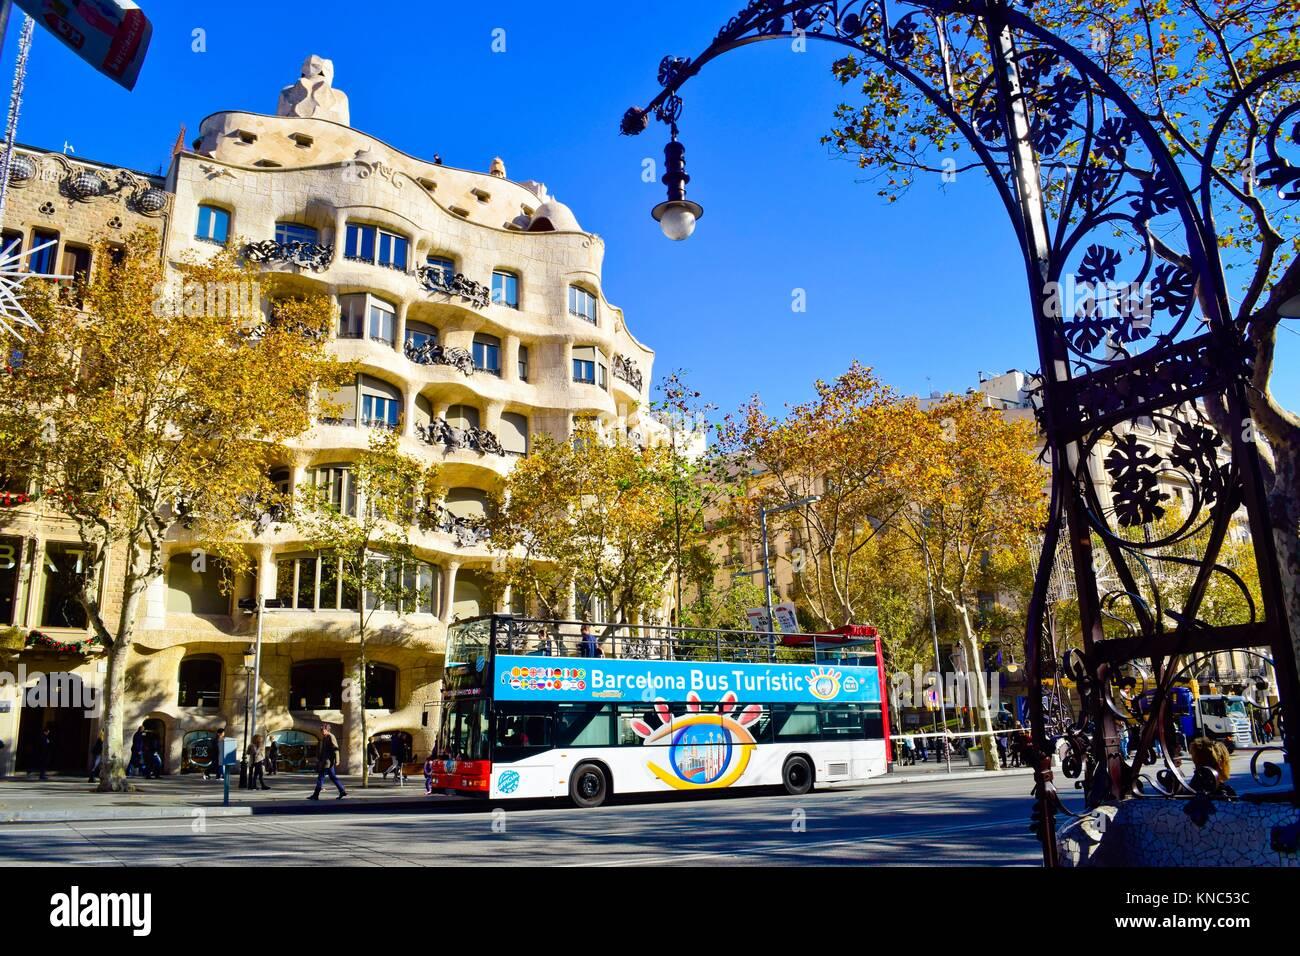 Barcelona Bus Turistic vor der Casa Milà, besser bekannt als La Pedrera. Von der katalanischen Architekten Stockbild